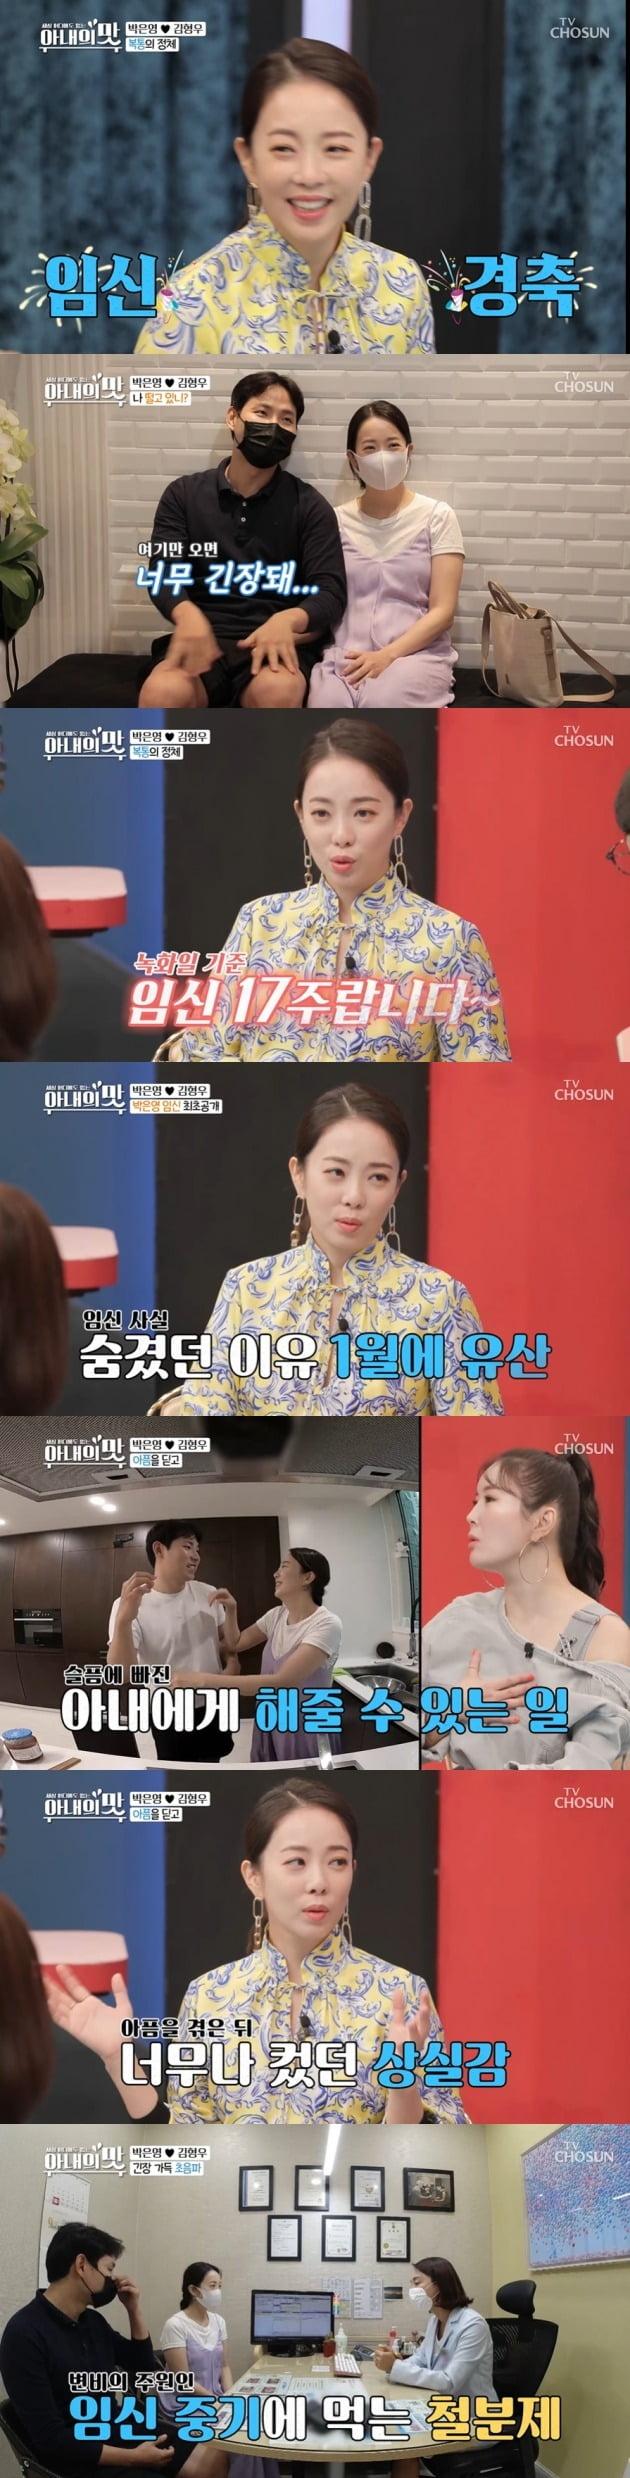 박은영 아나운서가 임신 소식을 알렸다. / 사진=TV조선 '아내의 맛' 캡처